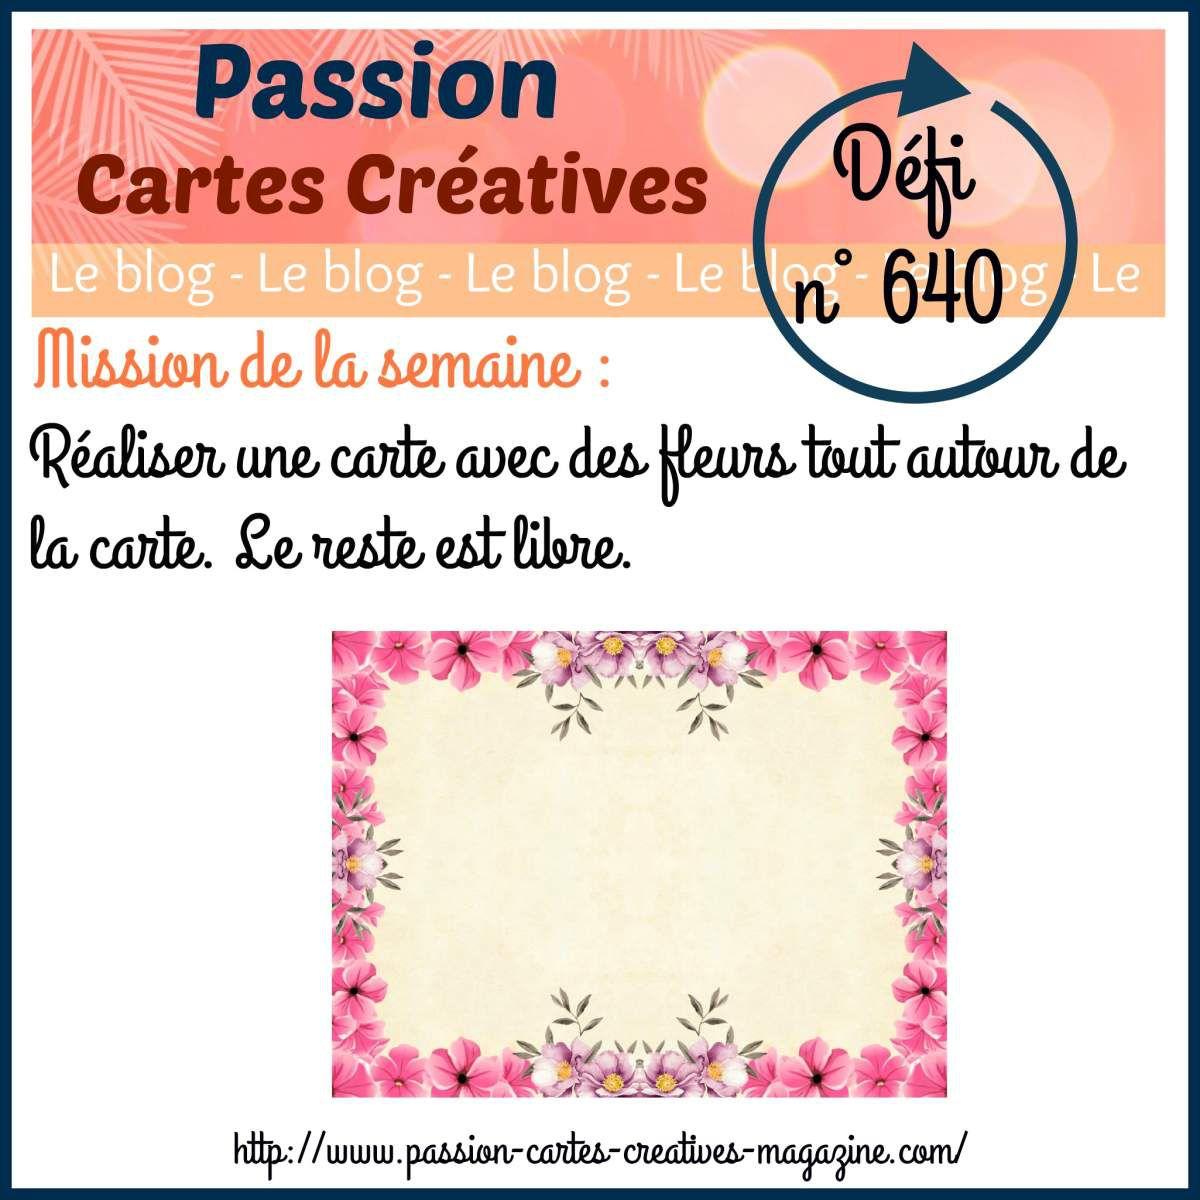 Défi 640 de Passion Cartes Créatives